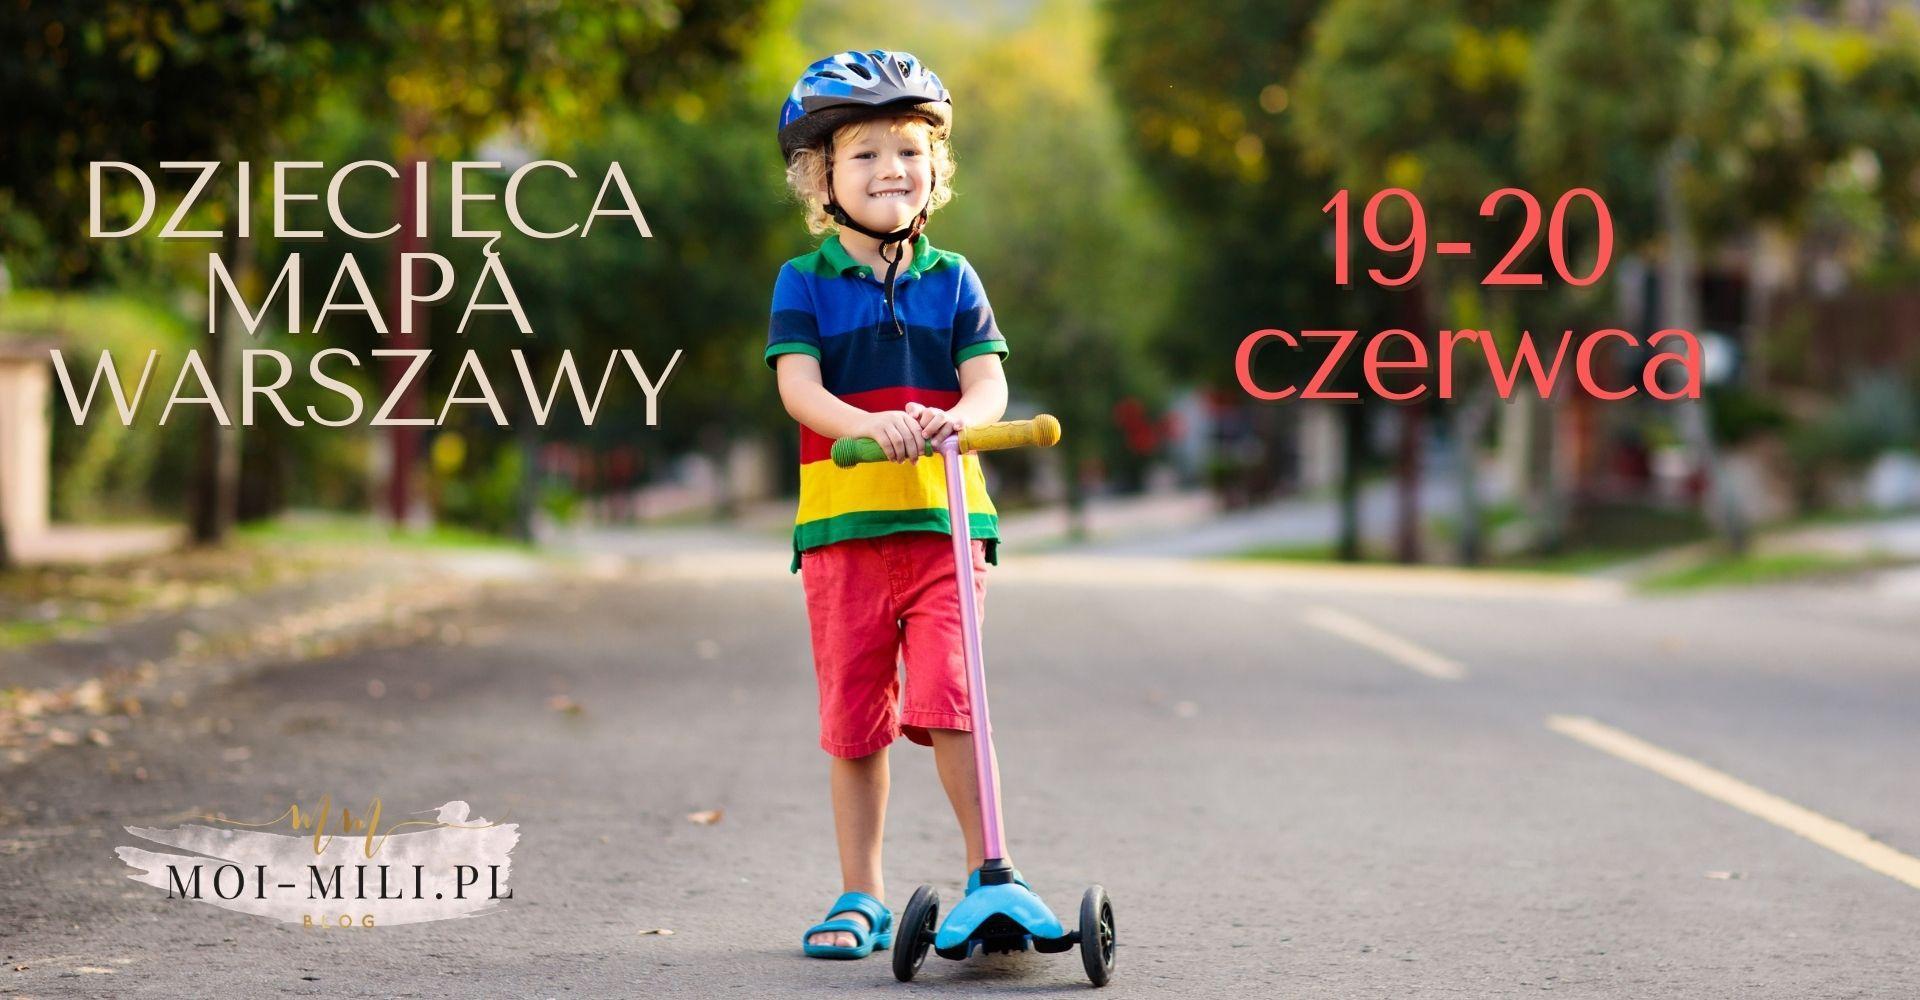 Weekendowa Zajawka, czyli co robić z dzieckiem w Warszawie 19-20 czerwca